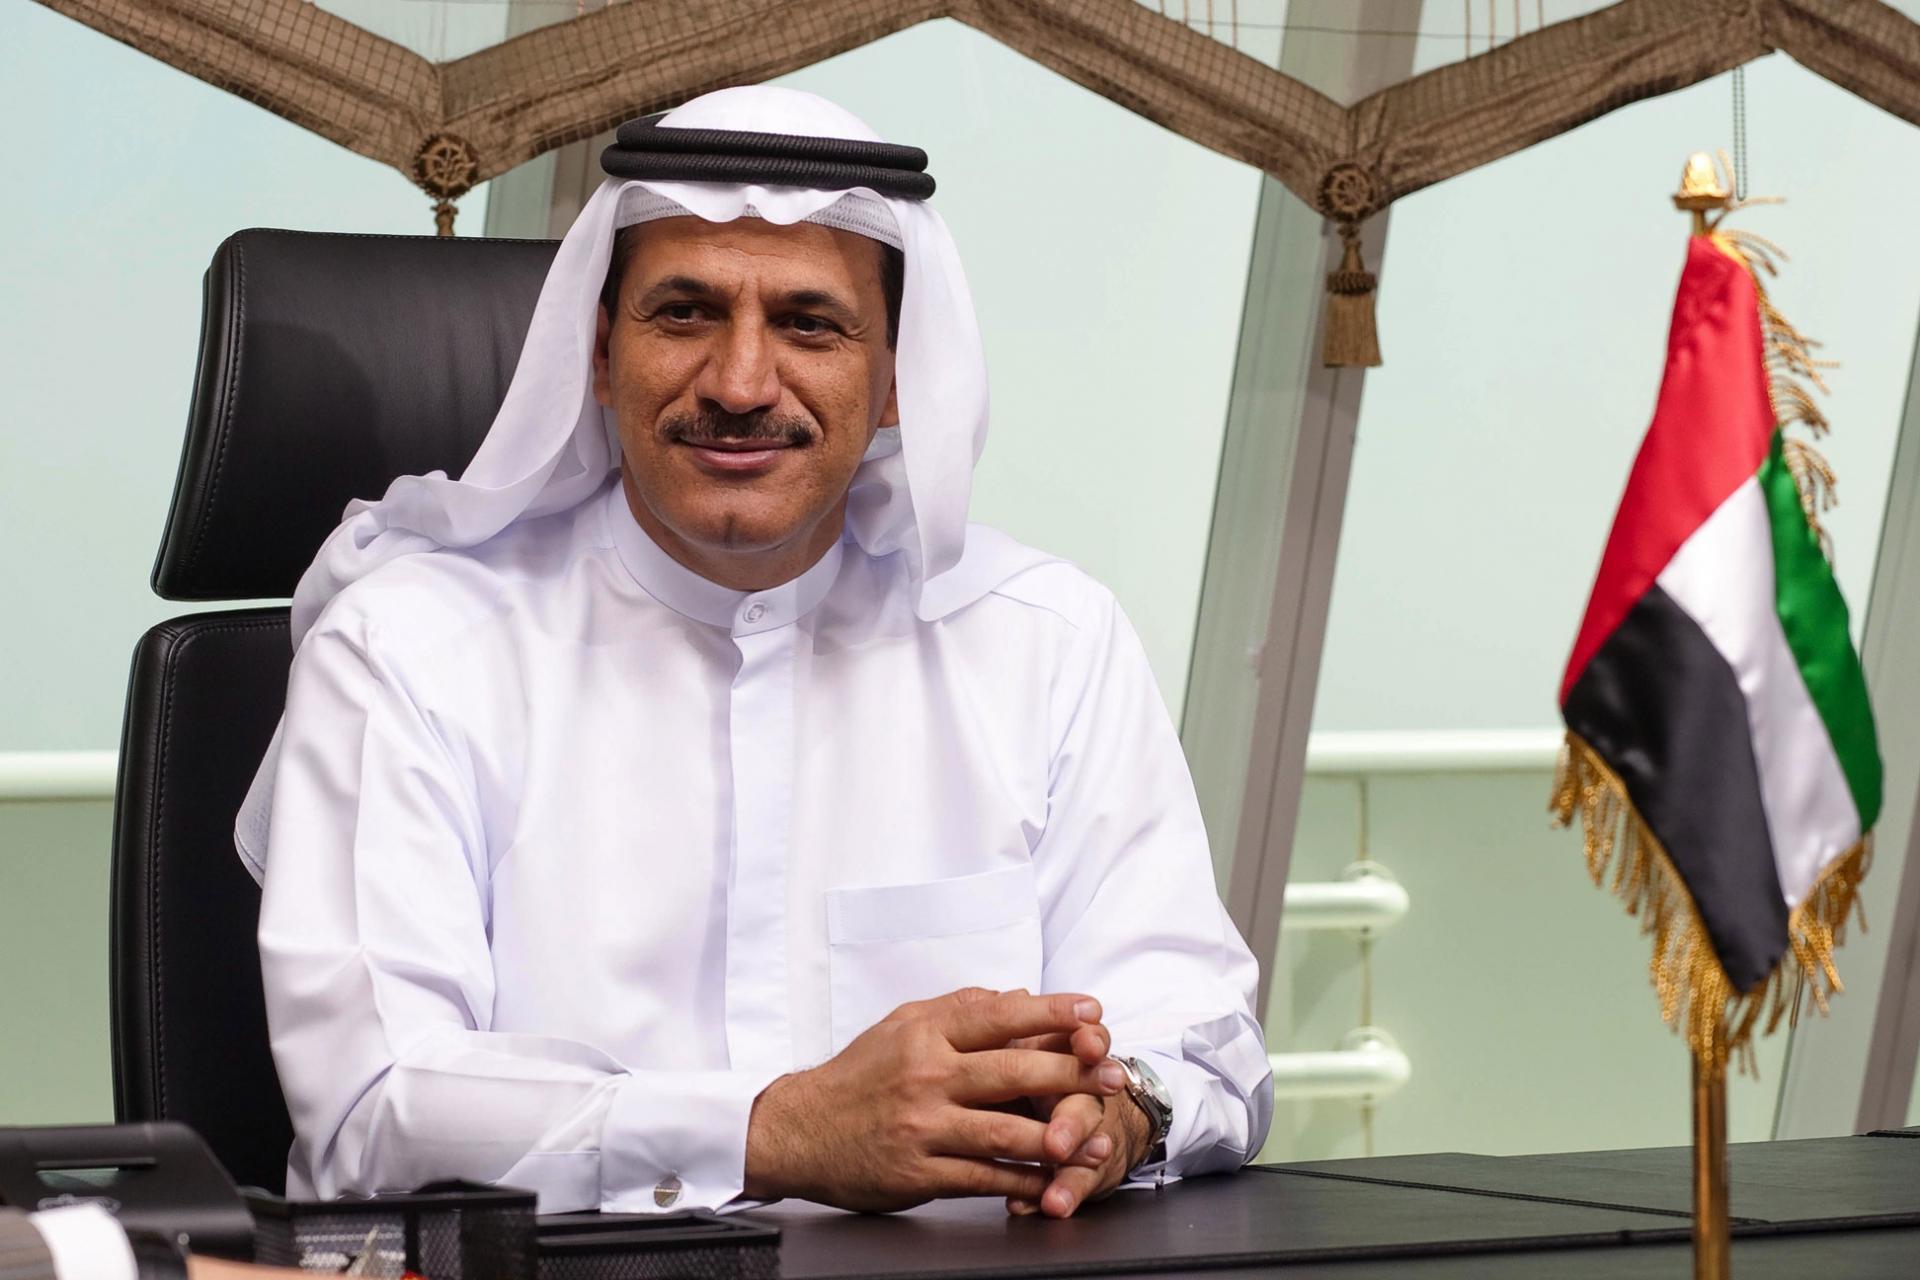 سلطان المنصوري وزير الاقتصاد الإماراتي